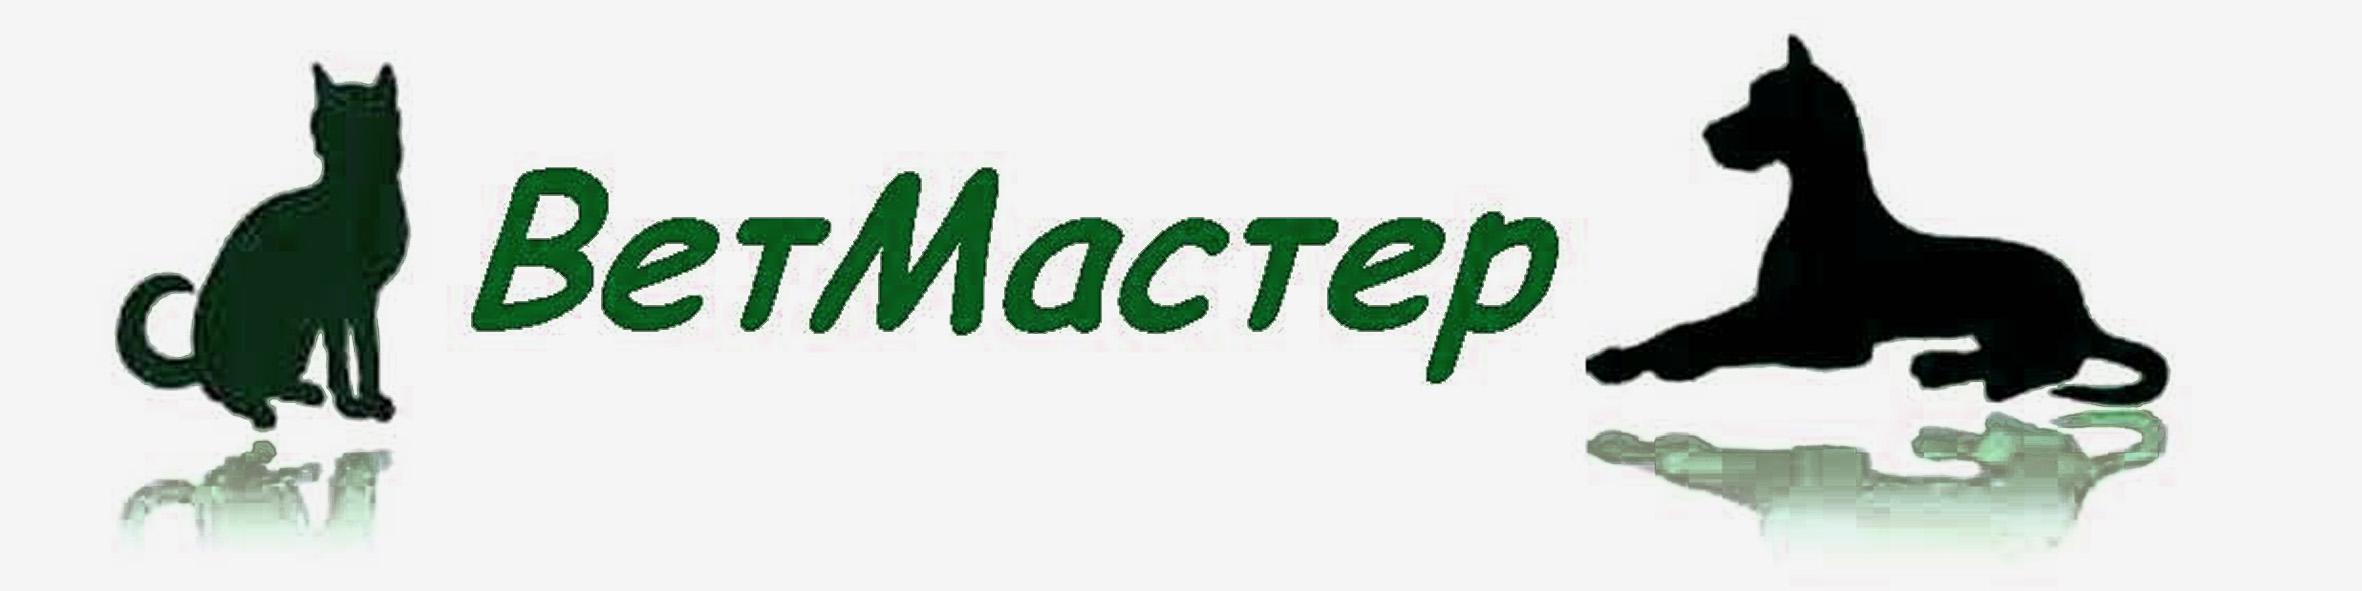 кредит в россельхозбанке онлайн заявка на кредит калькулятор